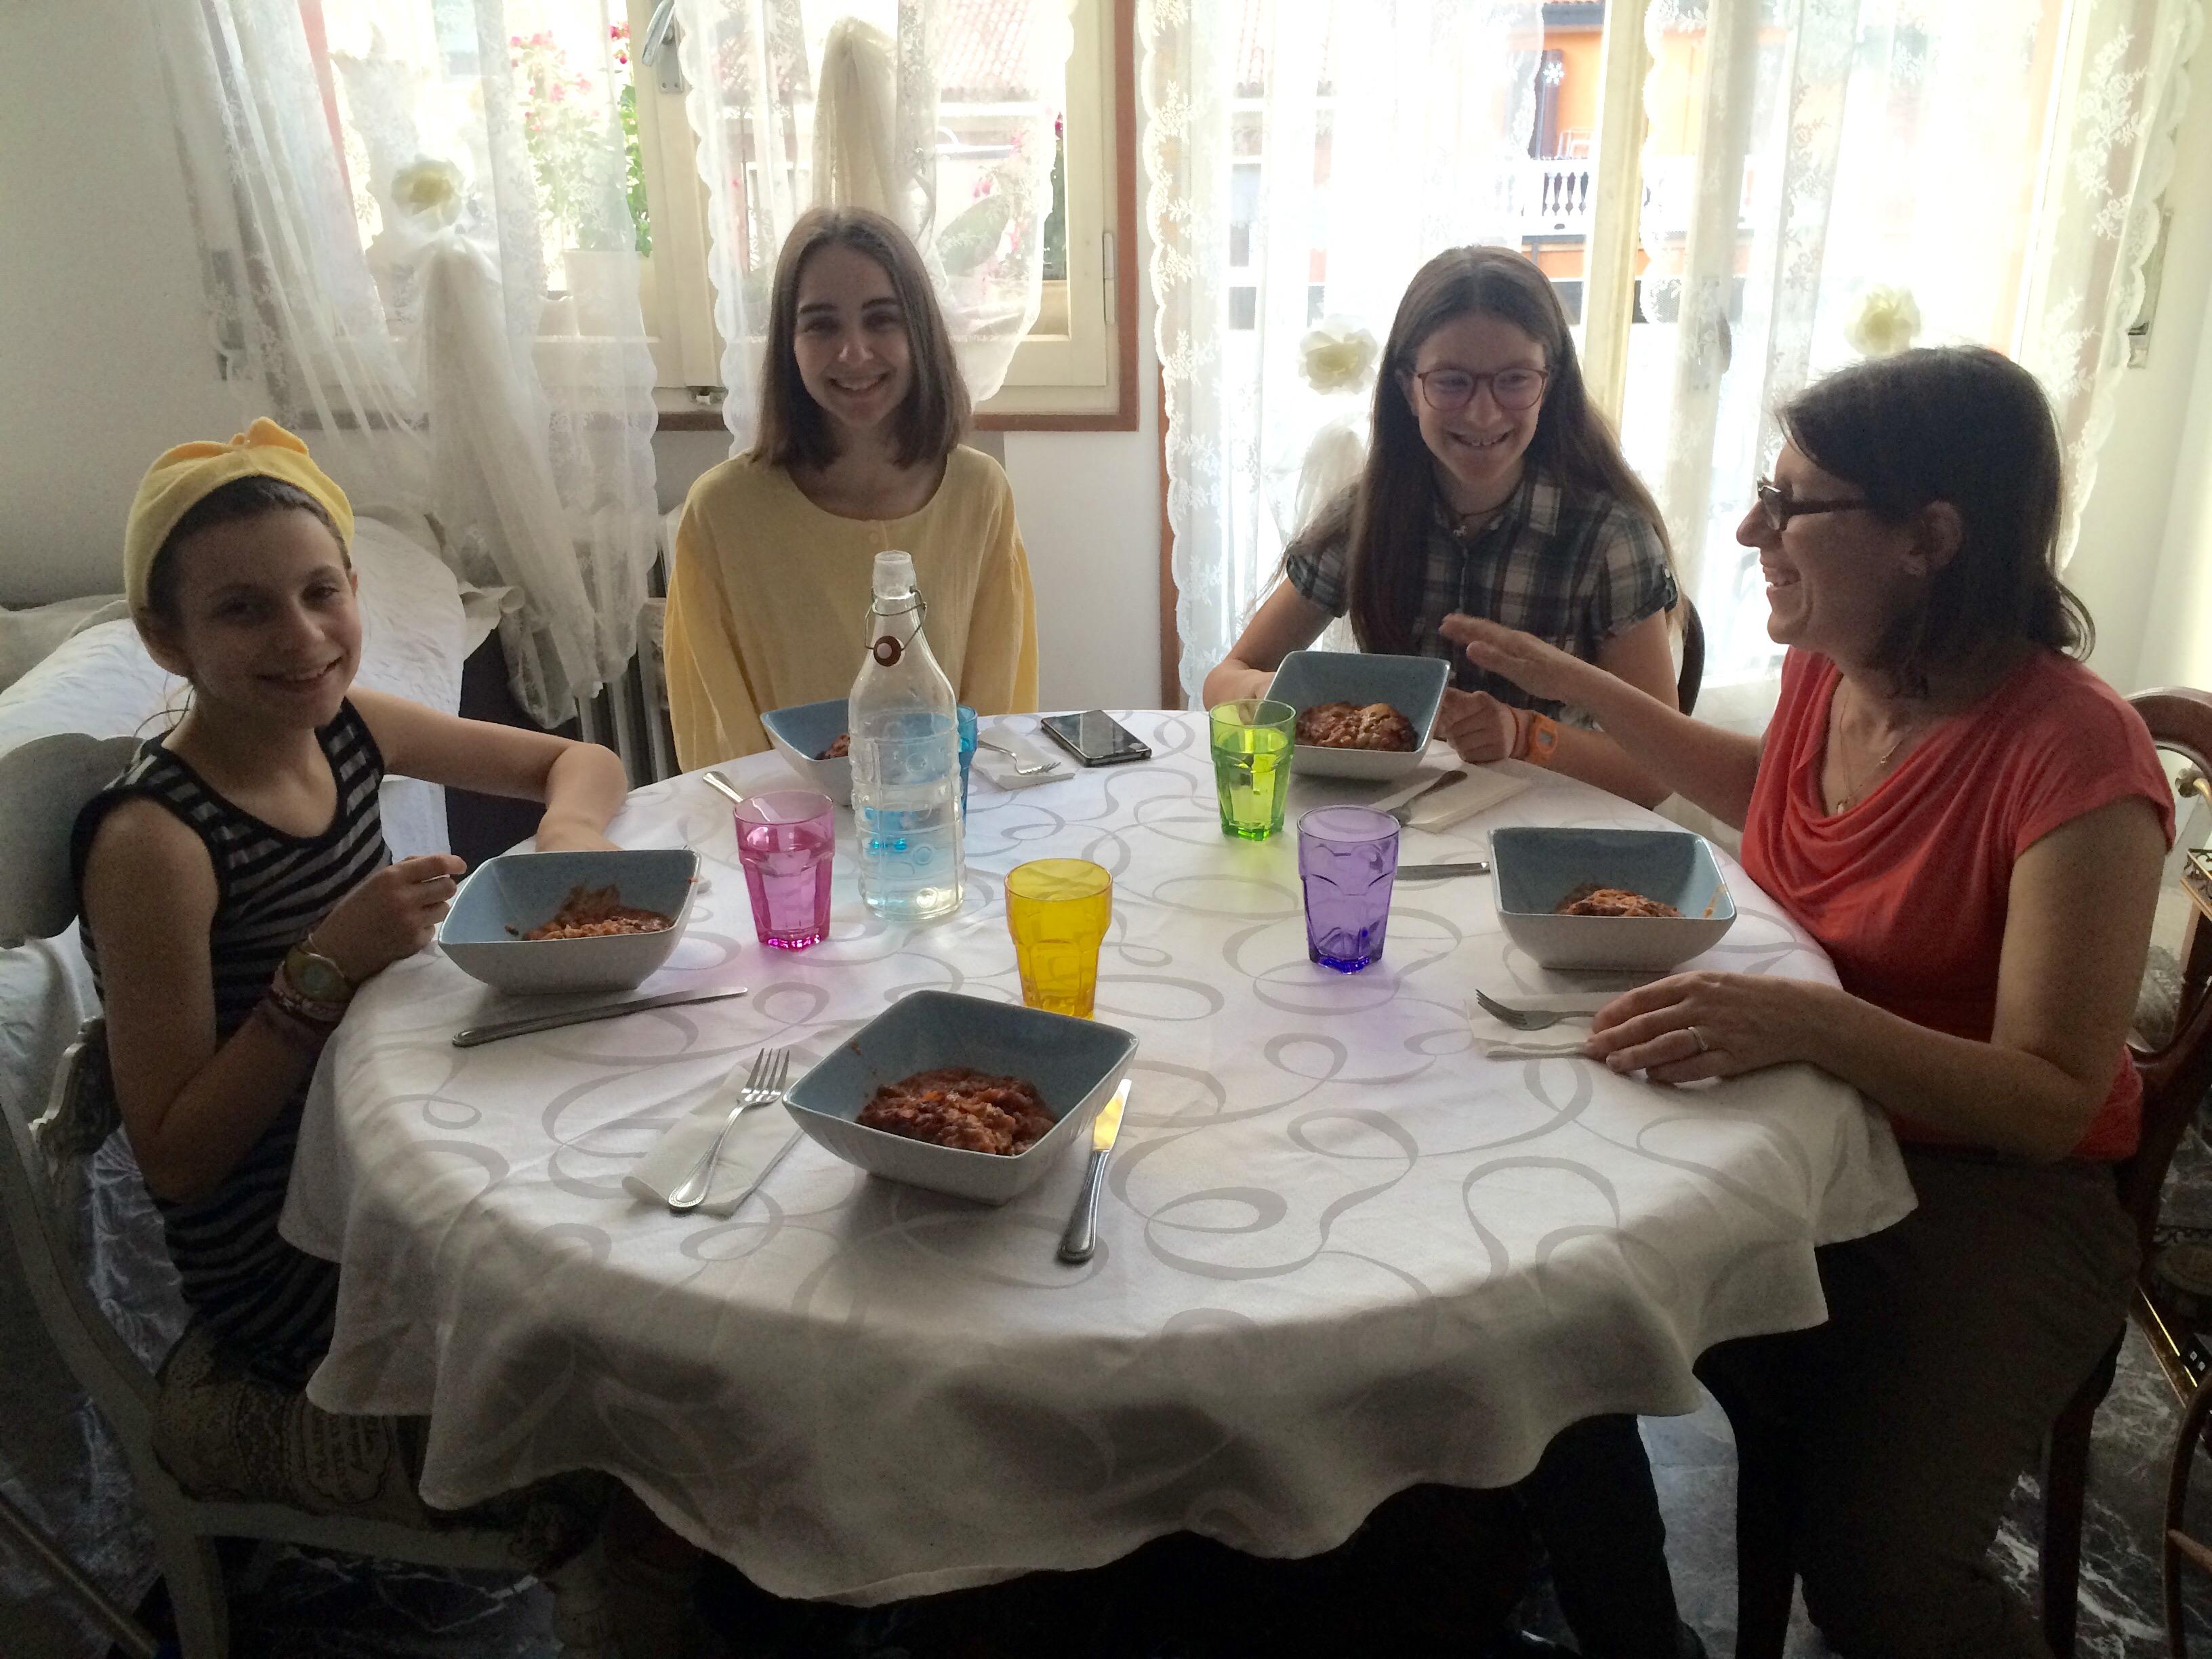 Nos dîners étaient tous magnifiques, nous leur avons présenté la cuisine typiquement bolognaise et italienne.